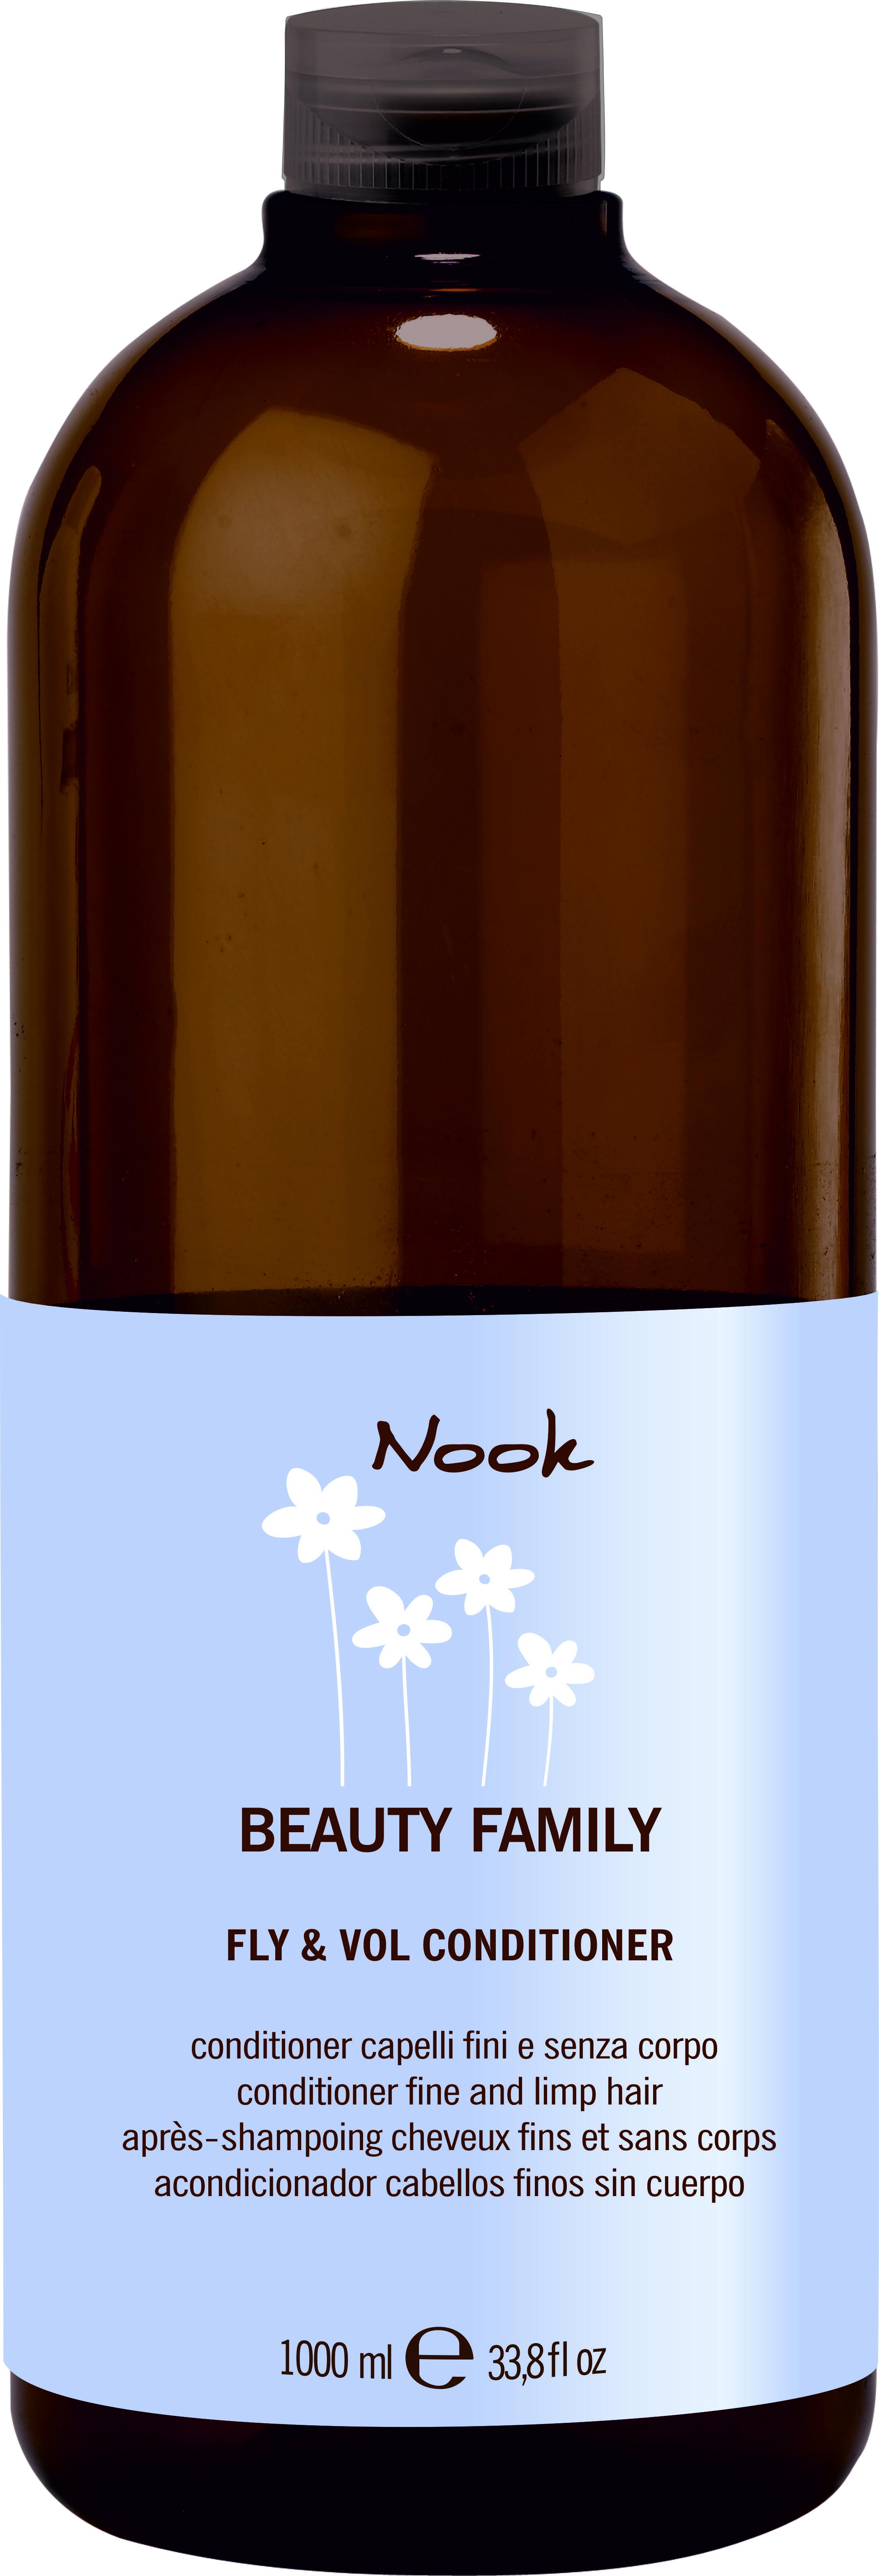 NOOK Кондиционер для тонких и слабых волос Ph 5,0 / Fly & Vol Conditioner BEAUTY FAMILY 1000 мл